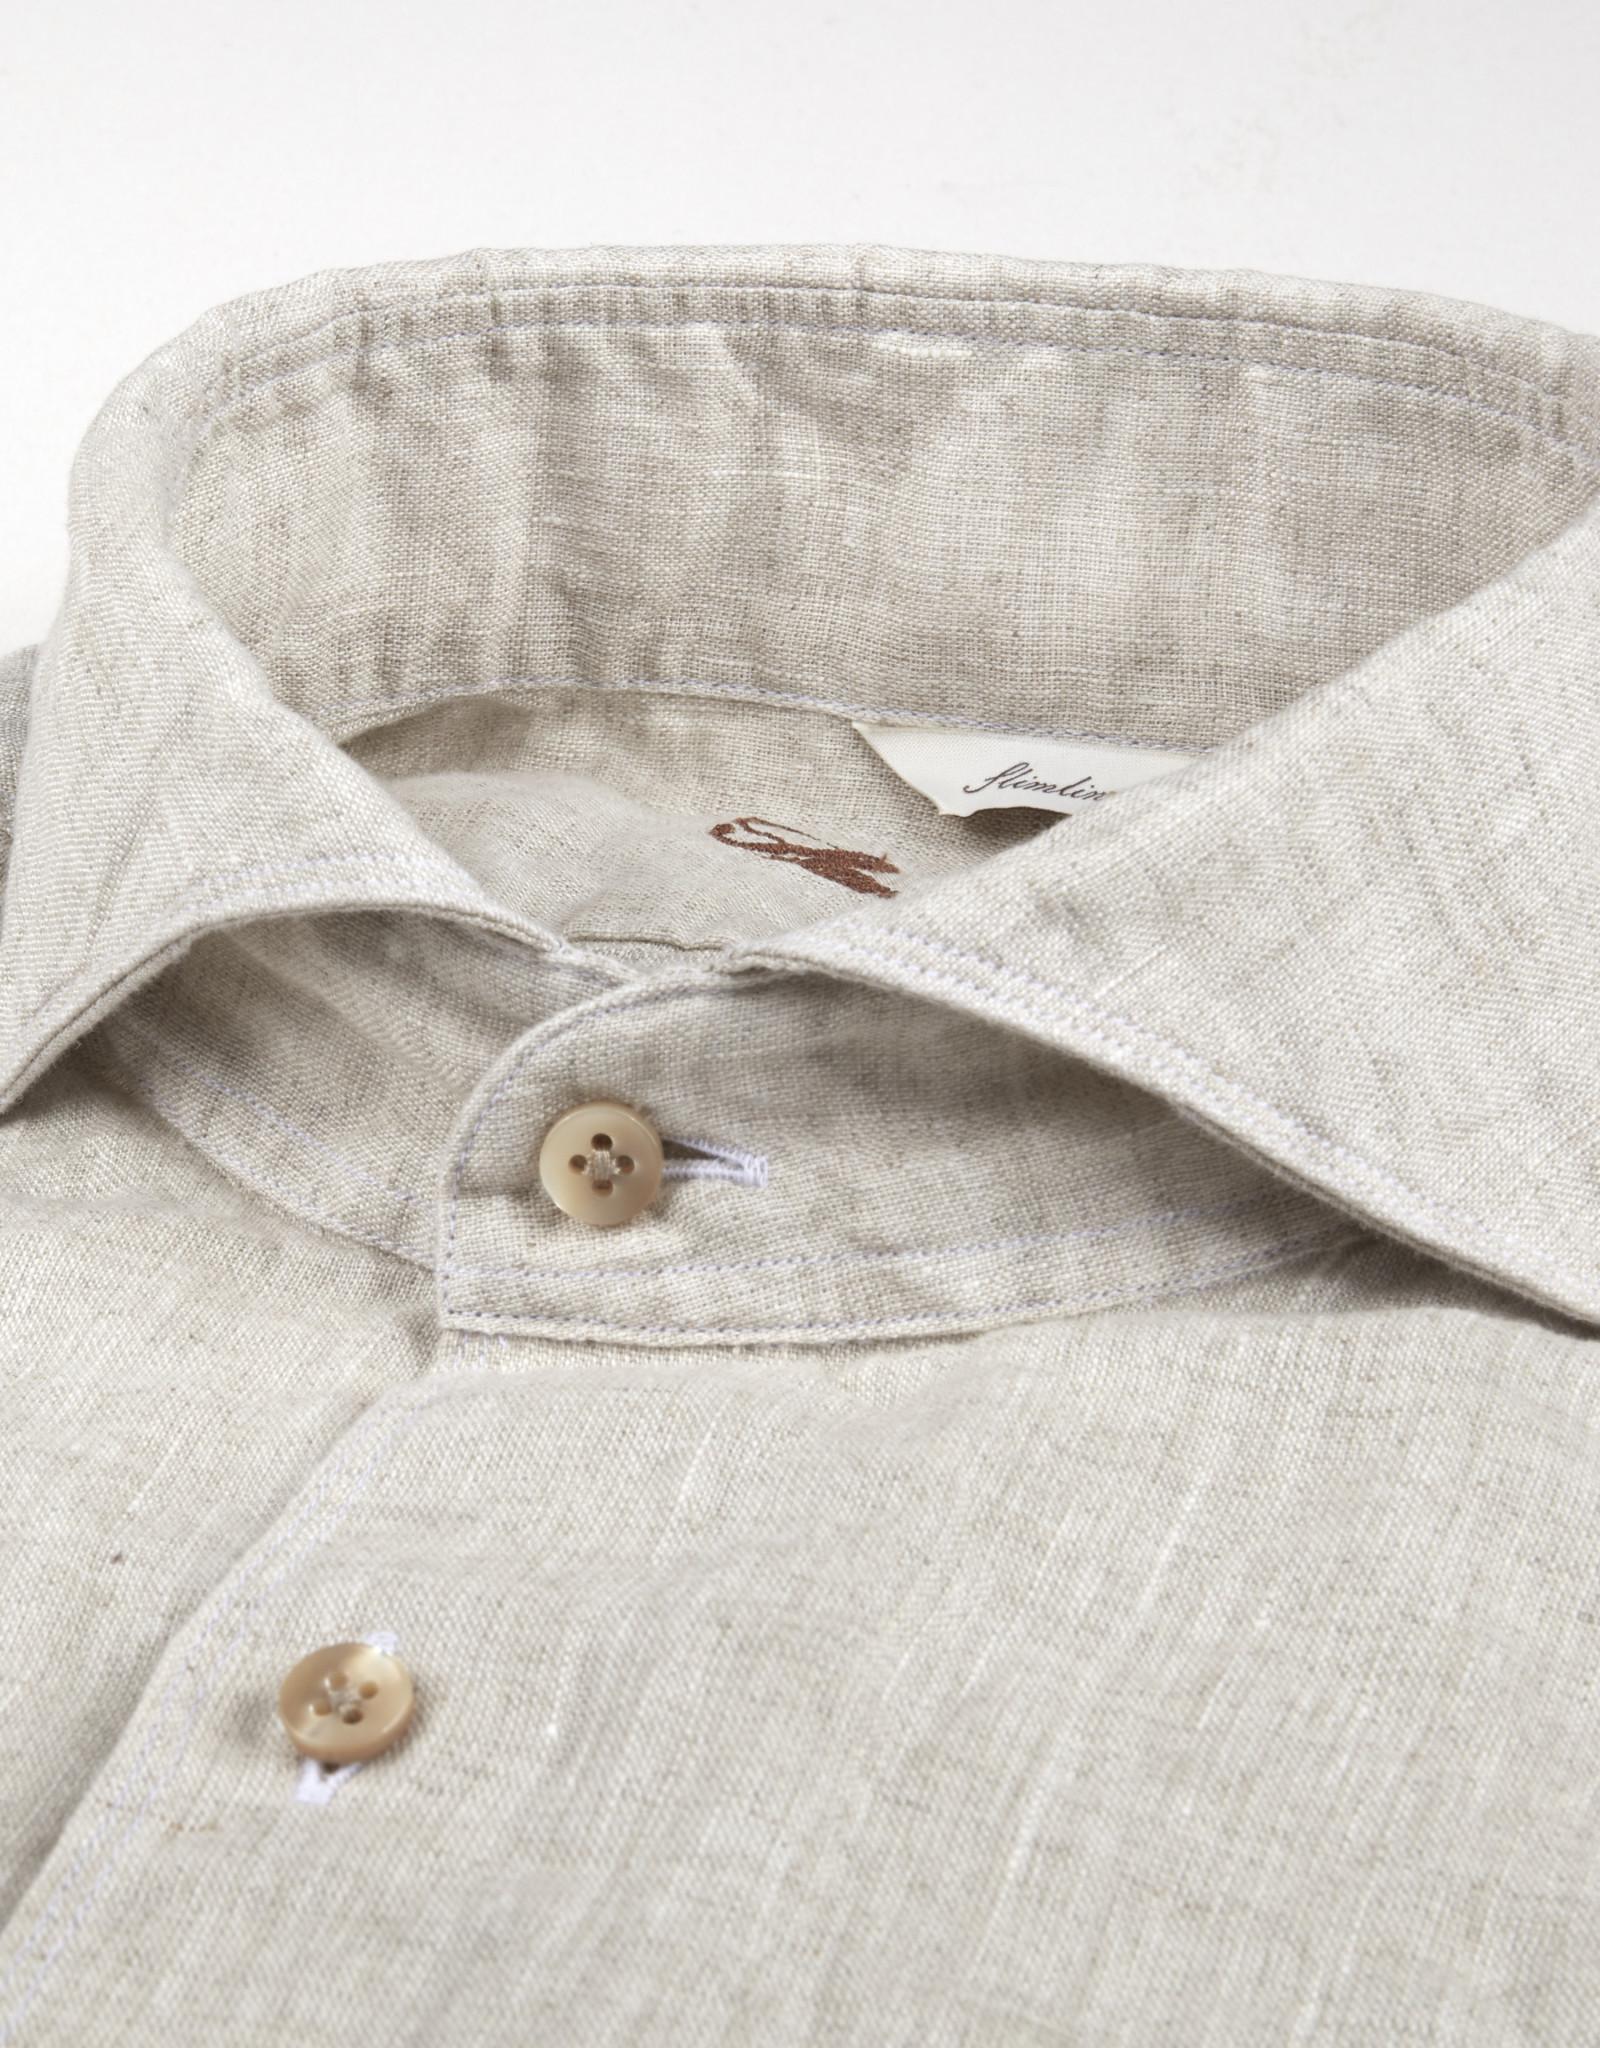 Stenströms Stenströms hemd linnen beige Fitted body 675221-7970/210